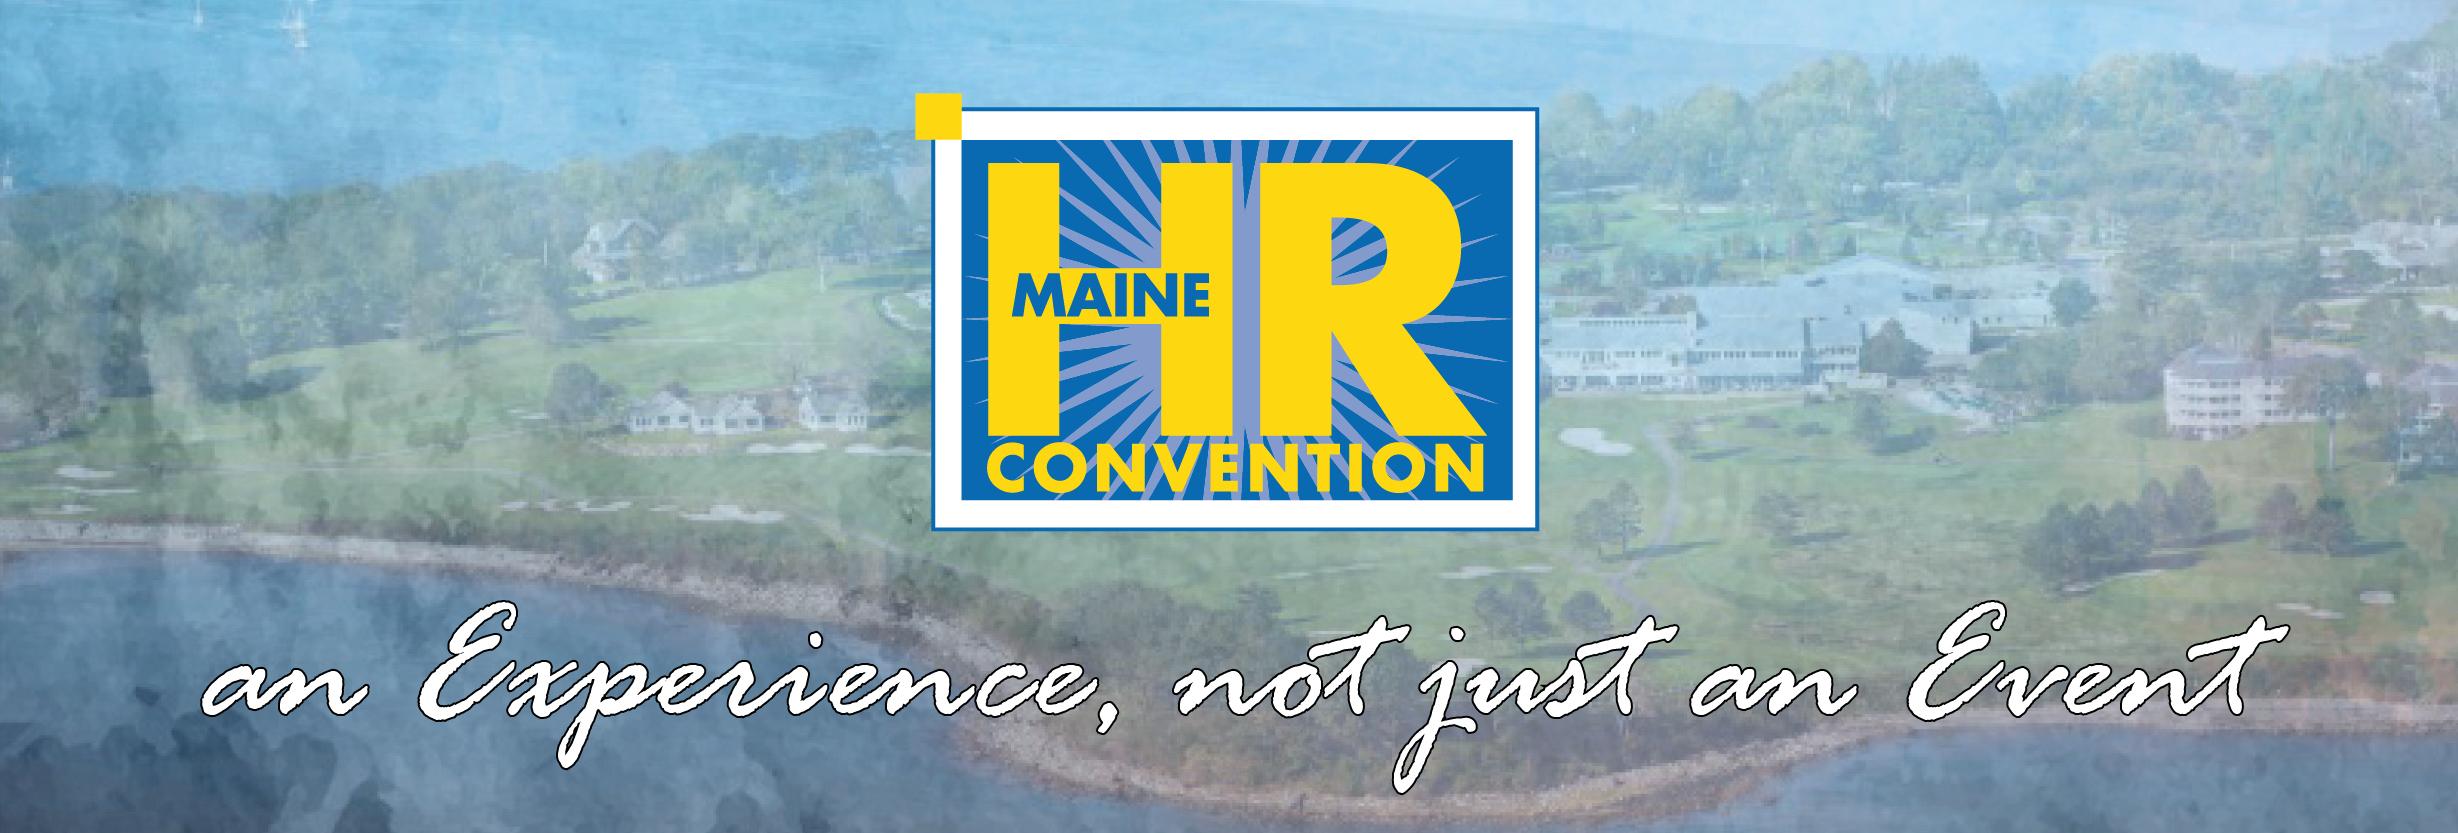 2020 Maine HR Convention Online Registration